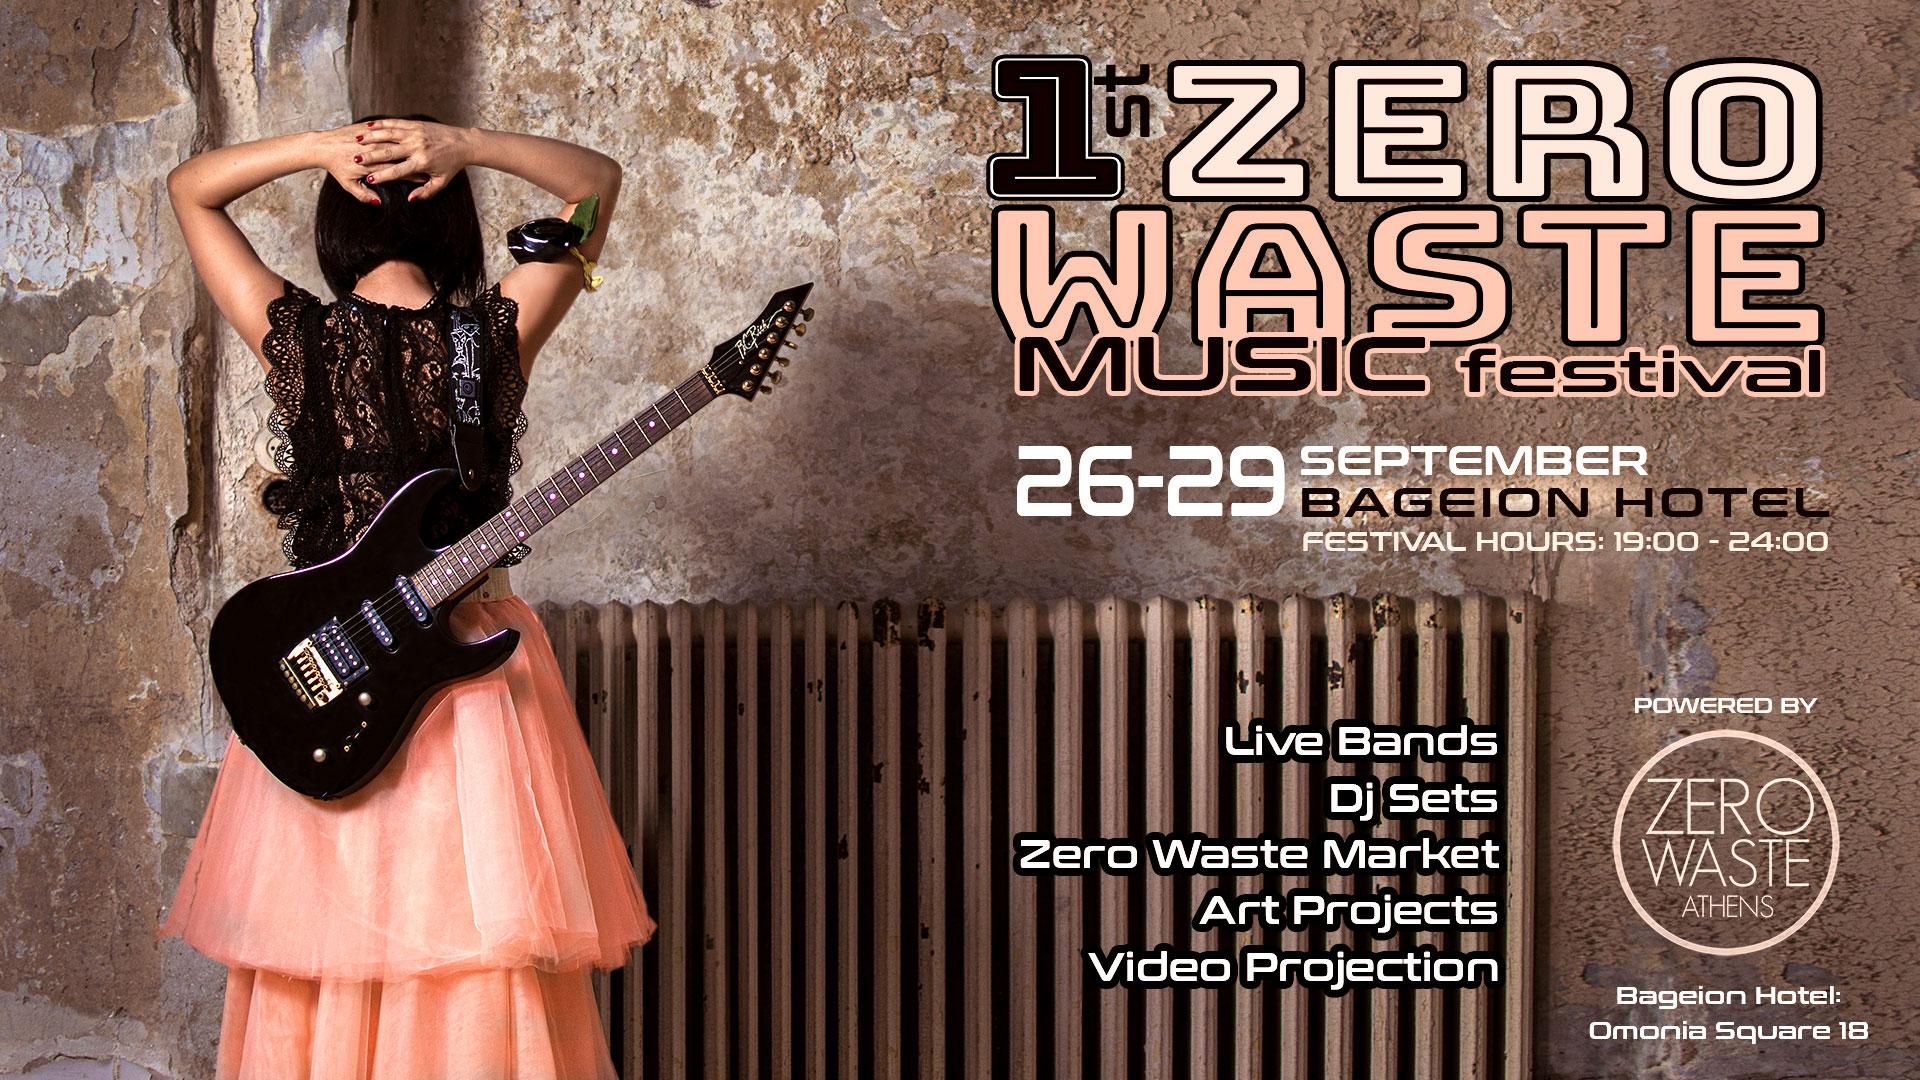 Zero Waste Music Festival